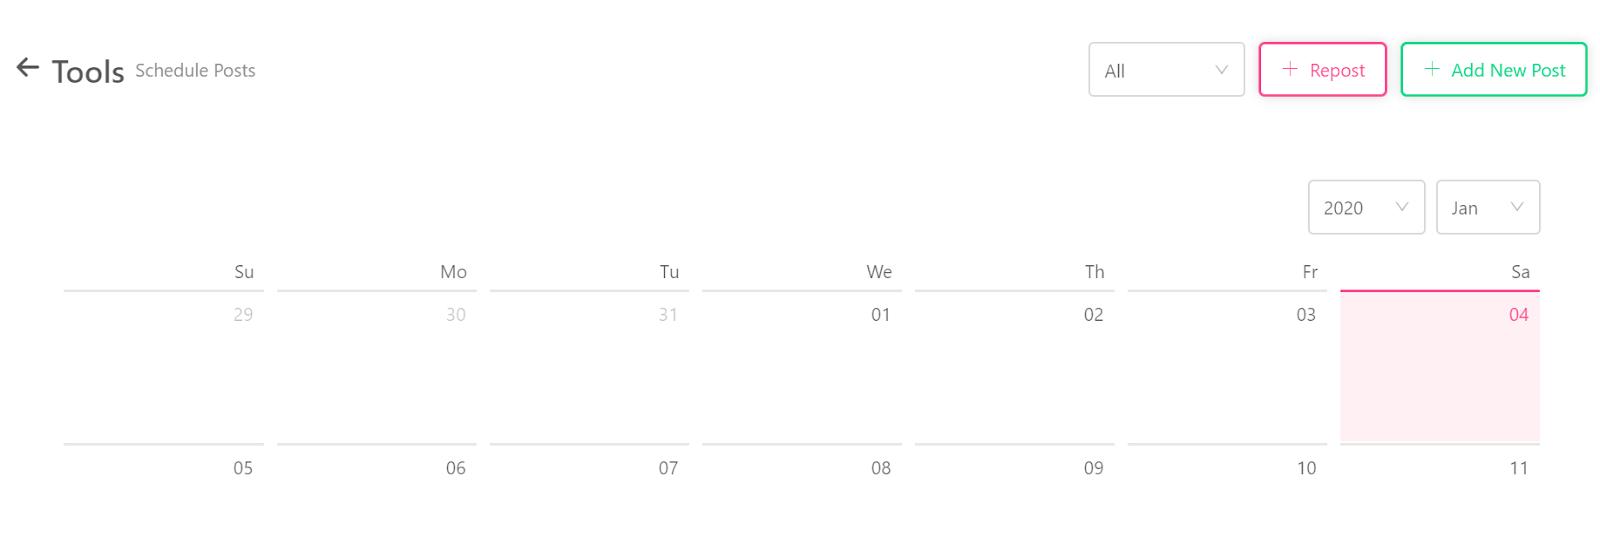 Instarabbit schedule post